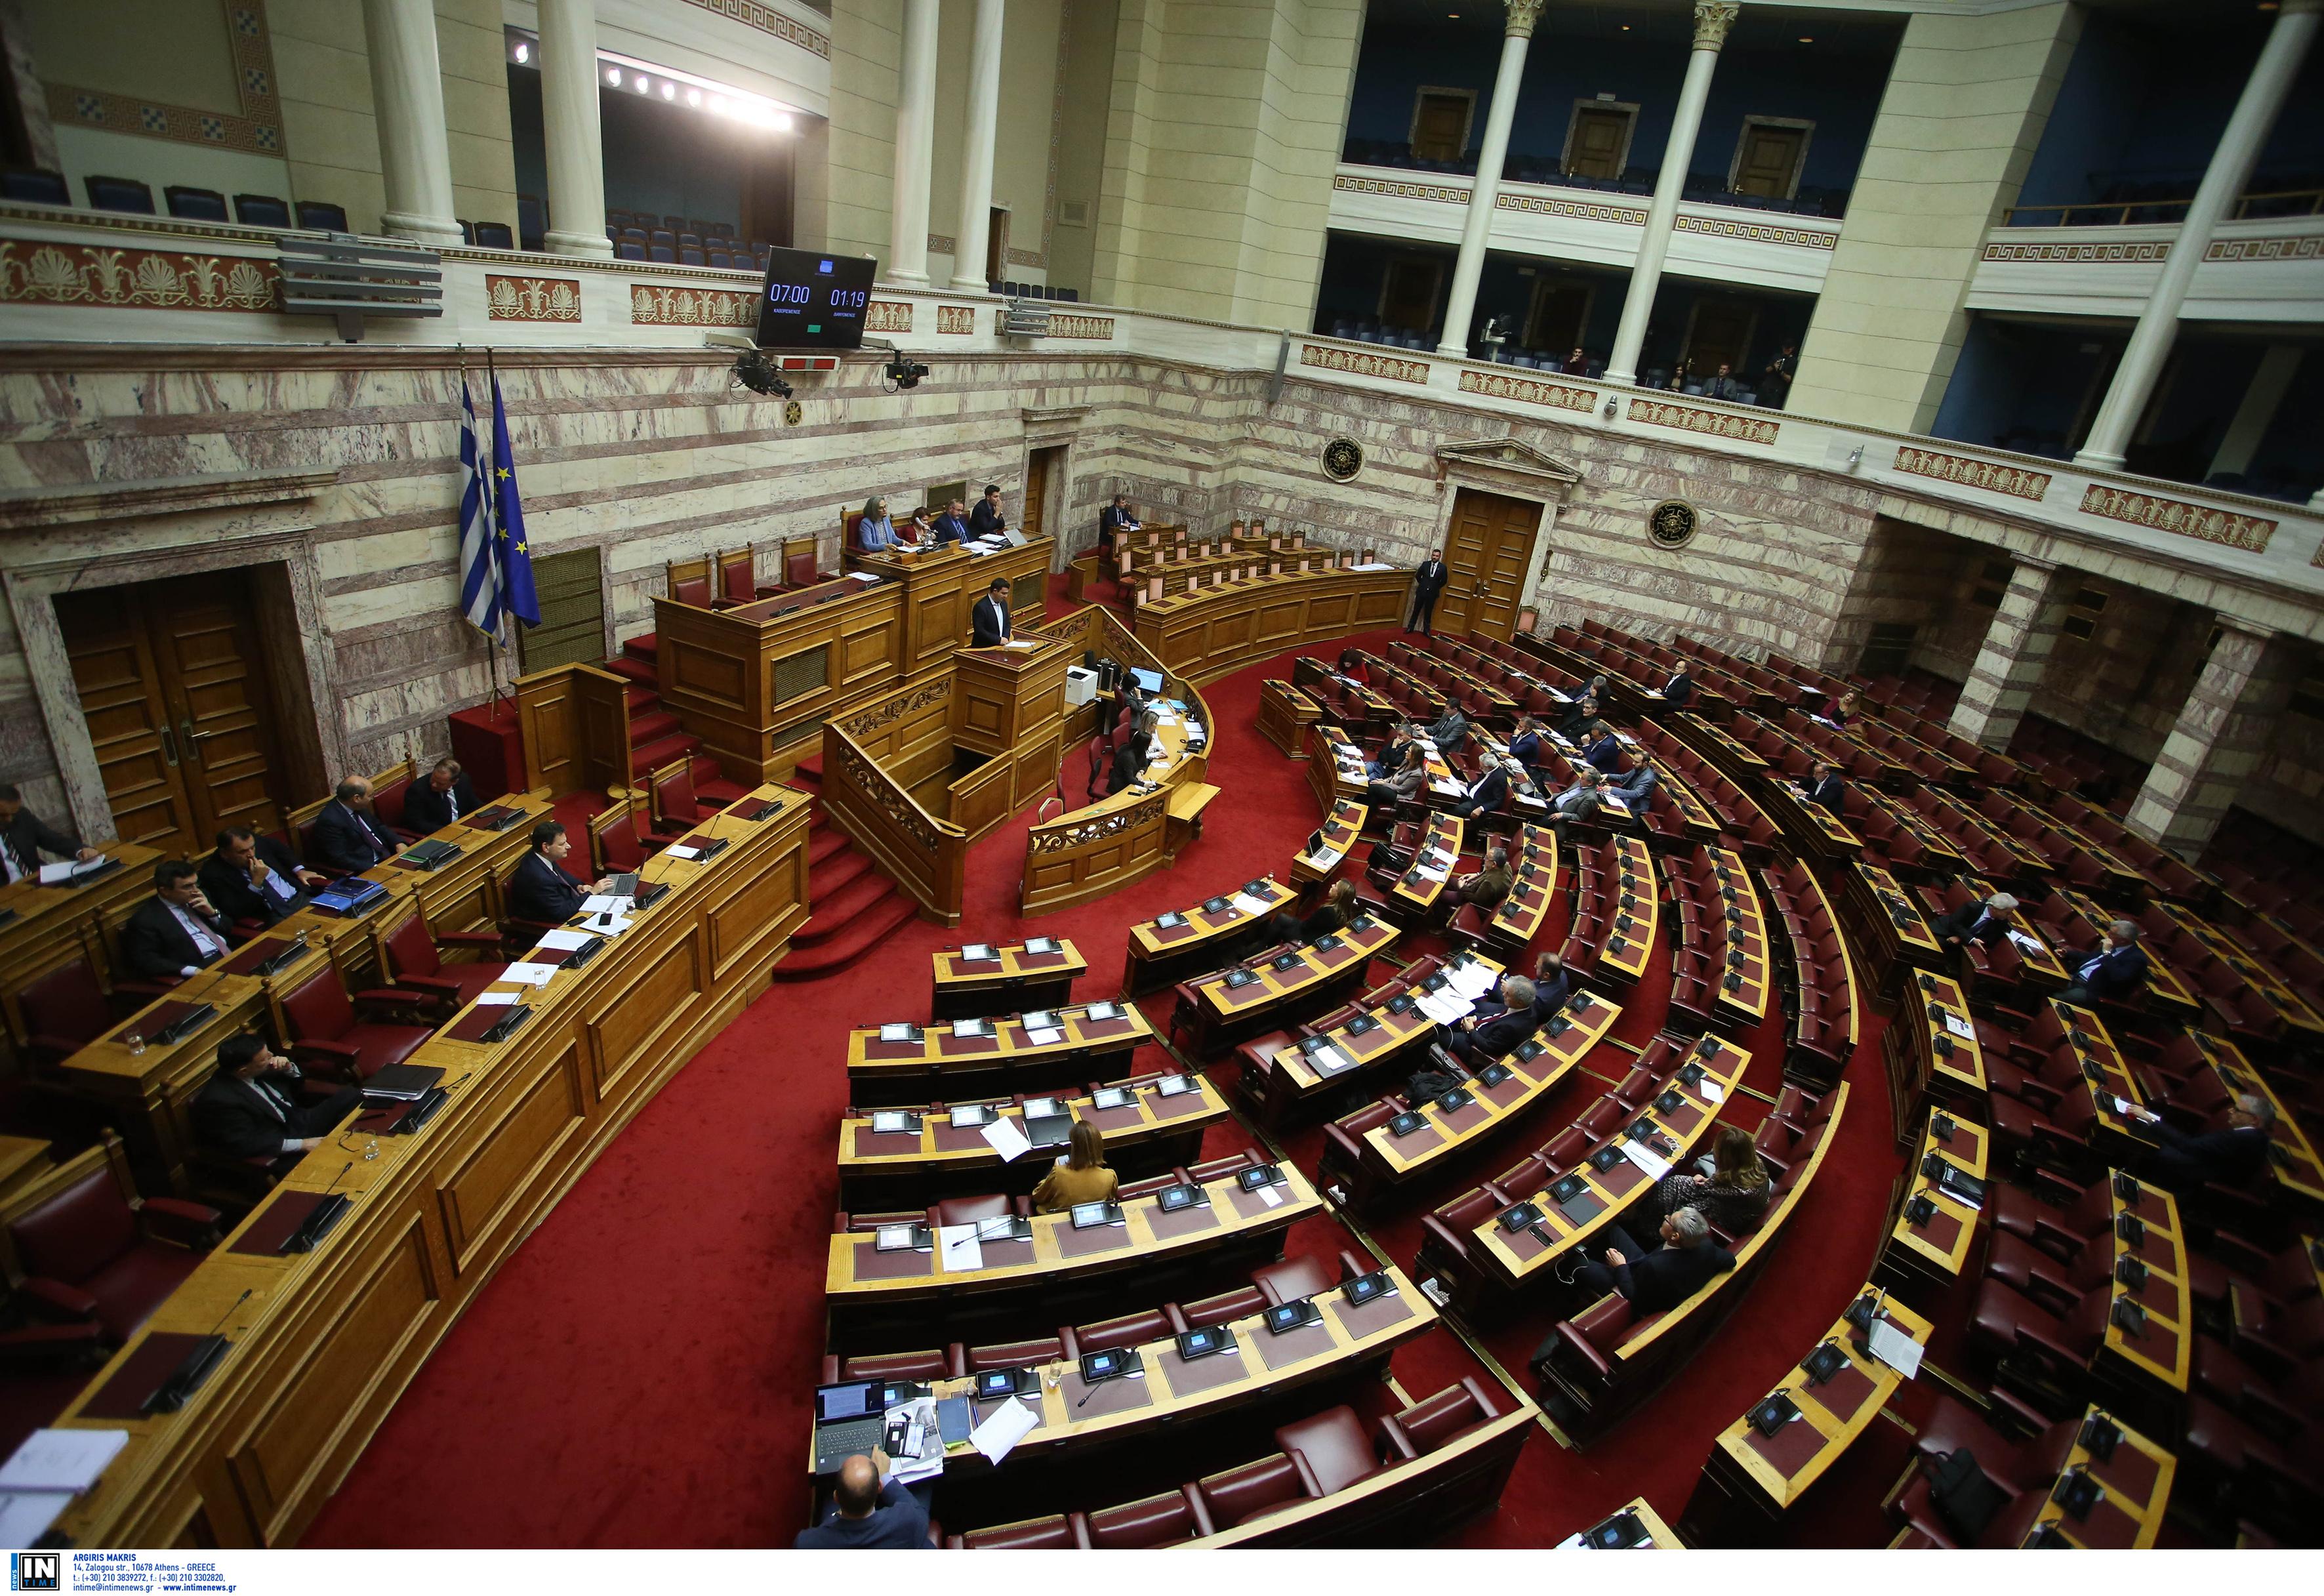 Αντιπαράθεση κυβέρνησης και ΣΥΡΙΖΑ ύστερα από καταγγελία για αστυνομικούς ελέγχους